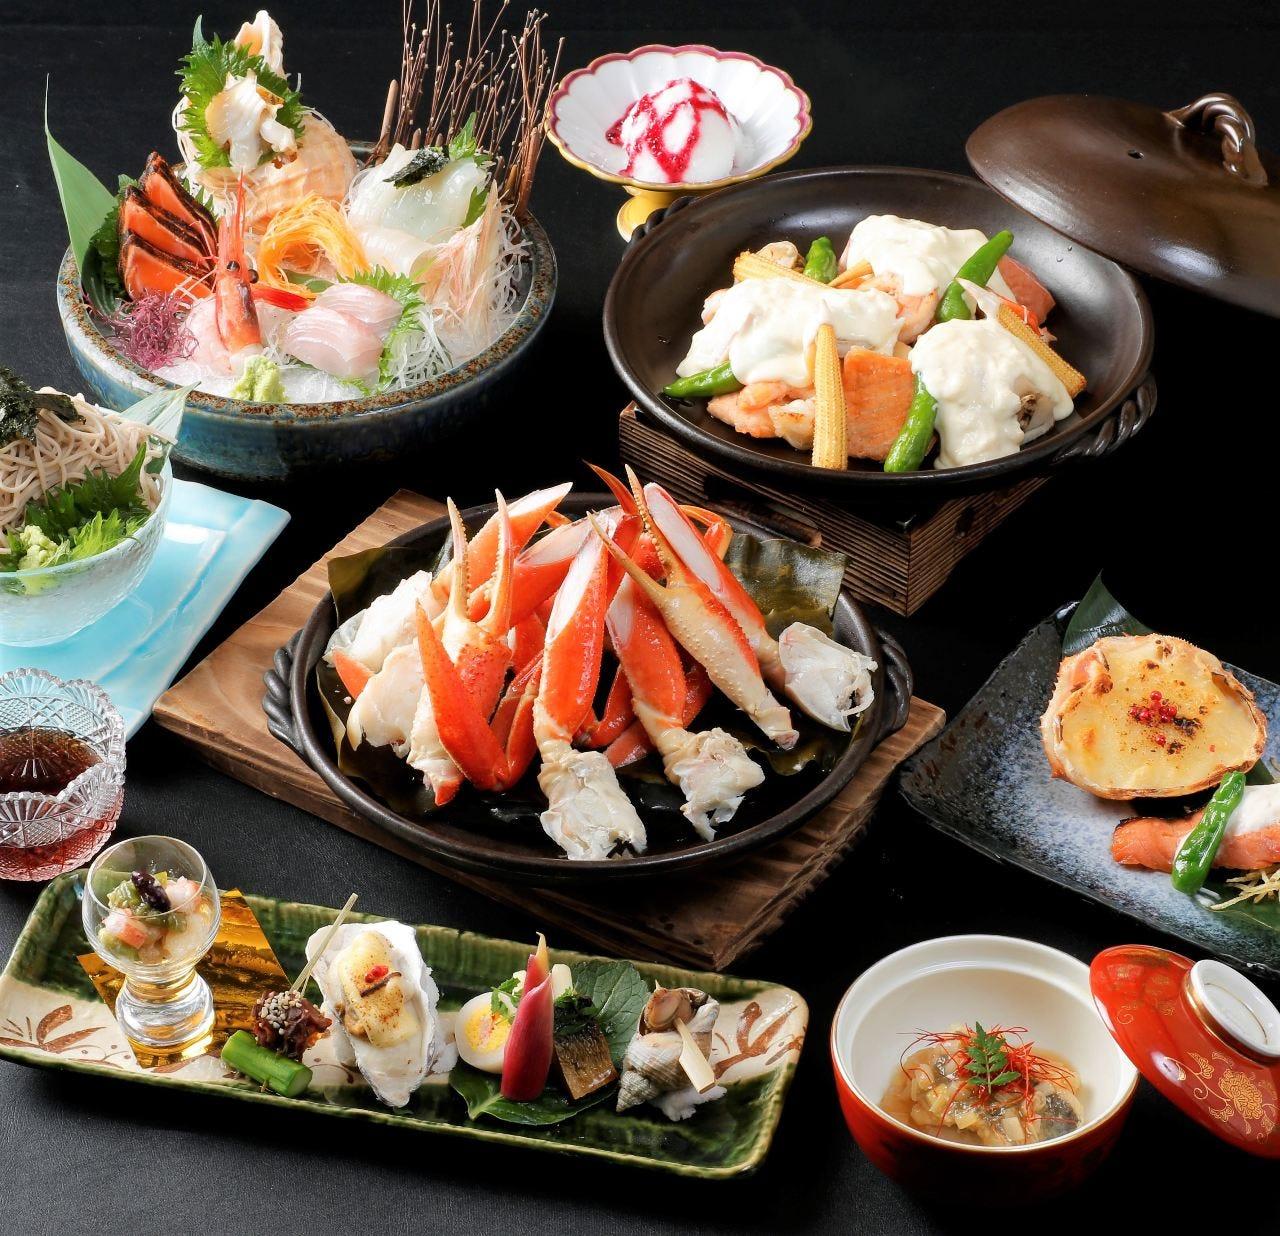 【飲み放題付】本ずわい蟹酒蒸しと海鮮贅沢コース<全8品>暑気払い、同窓会、ご接待などに!